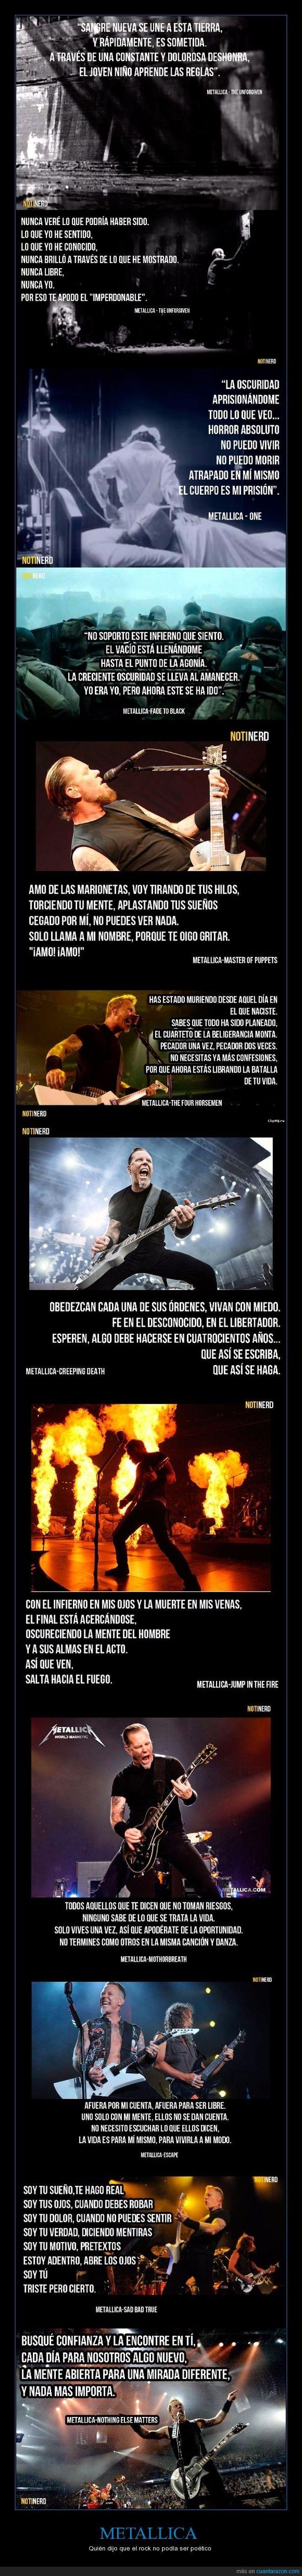 12 grandes frases de Metallica que demuestran que el rock puede ser poético